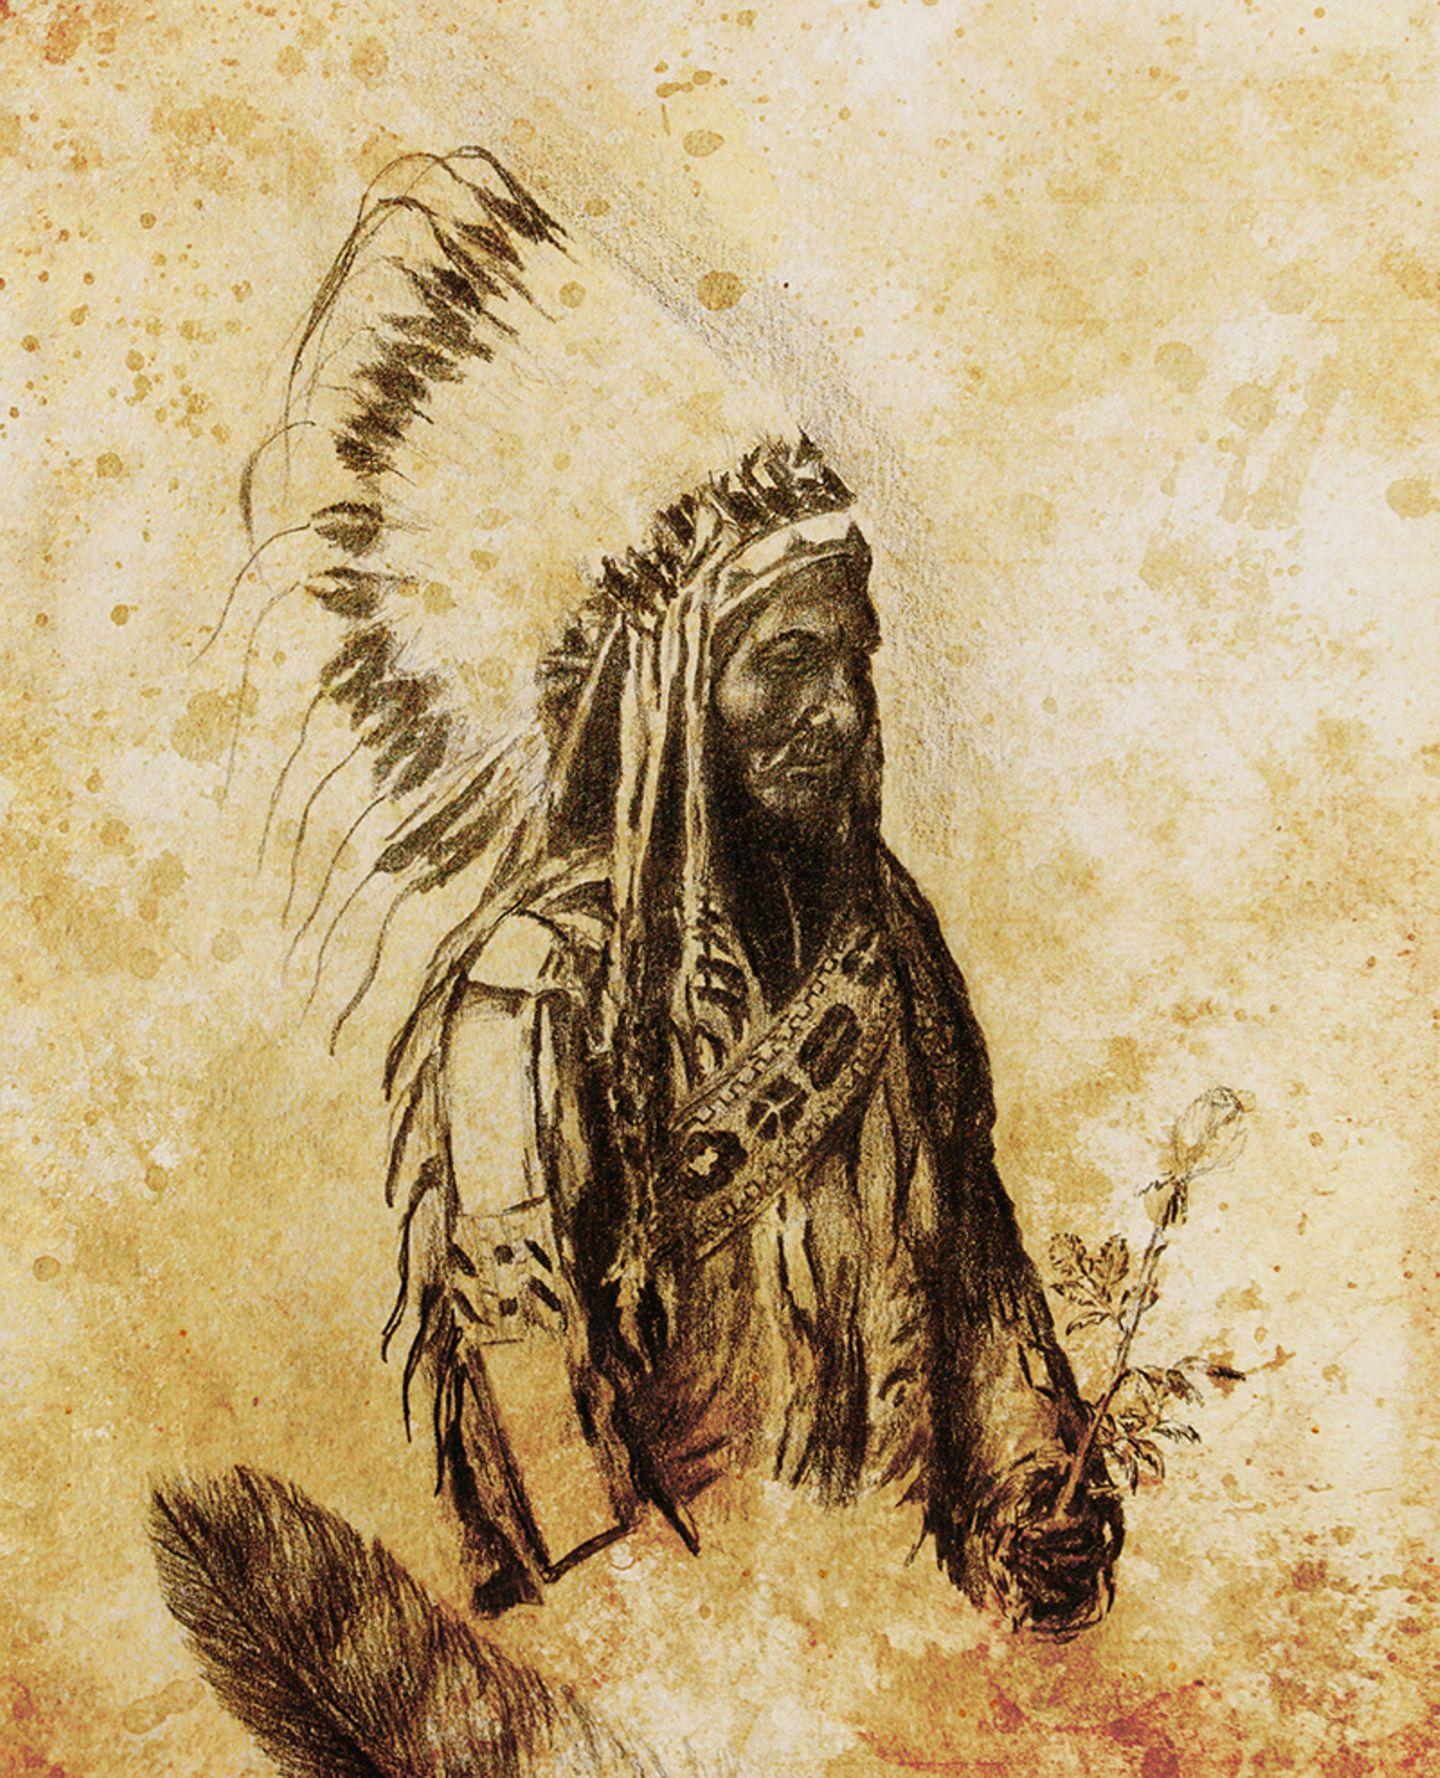 Sitting Bull, Indianer Anführer